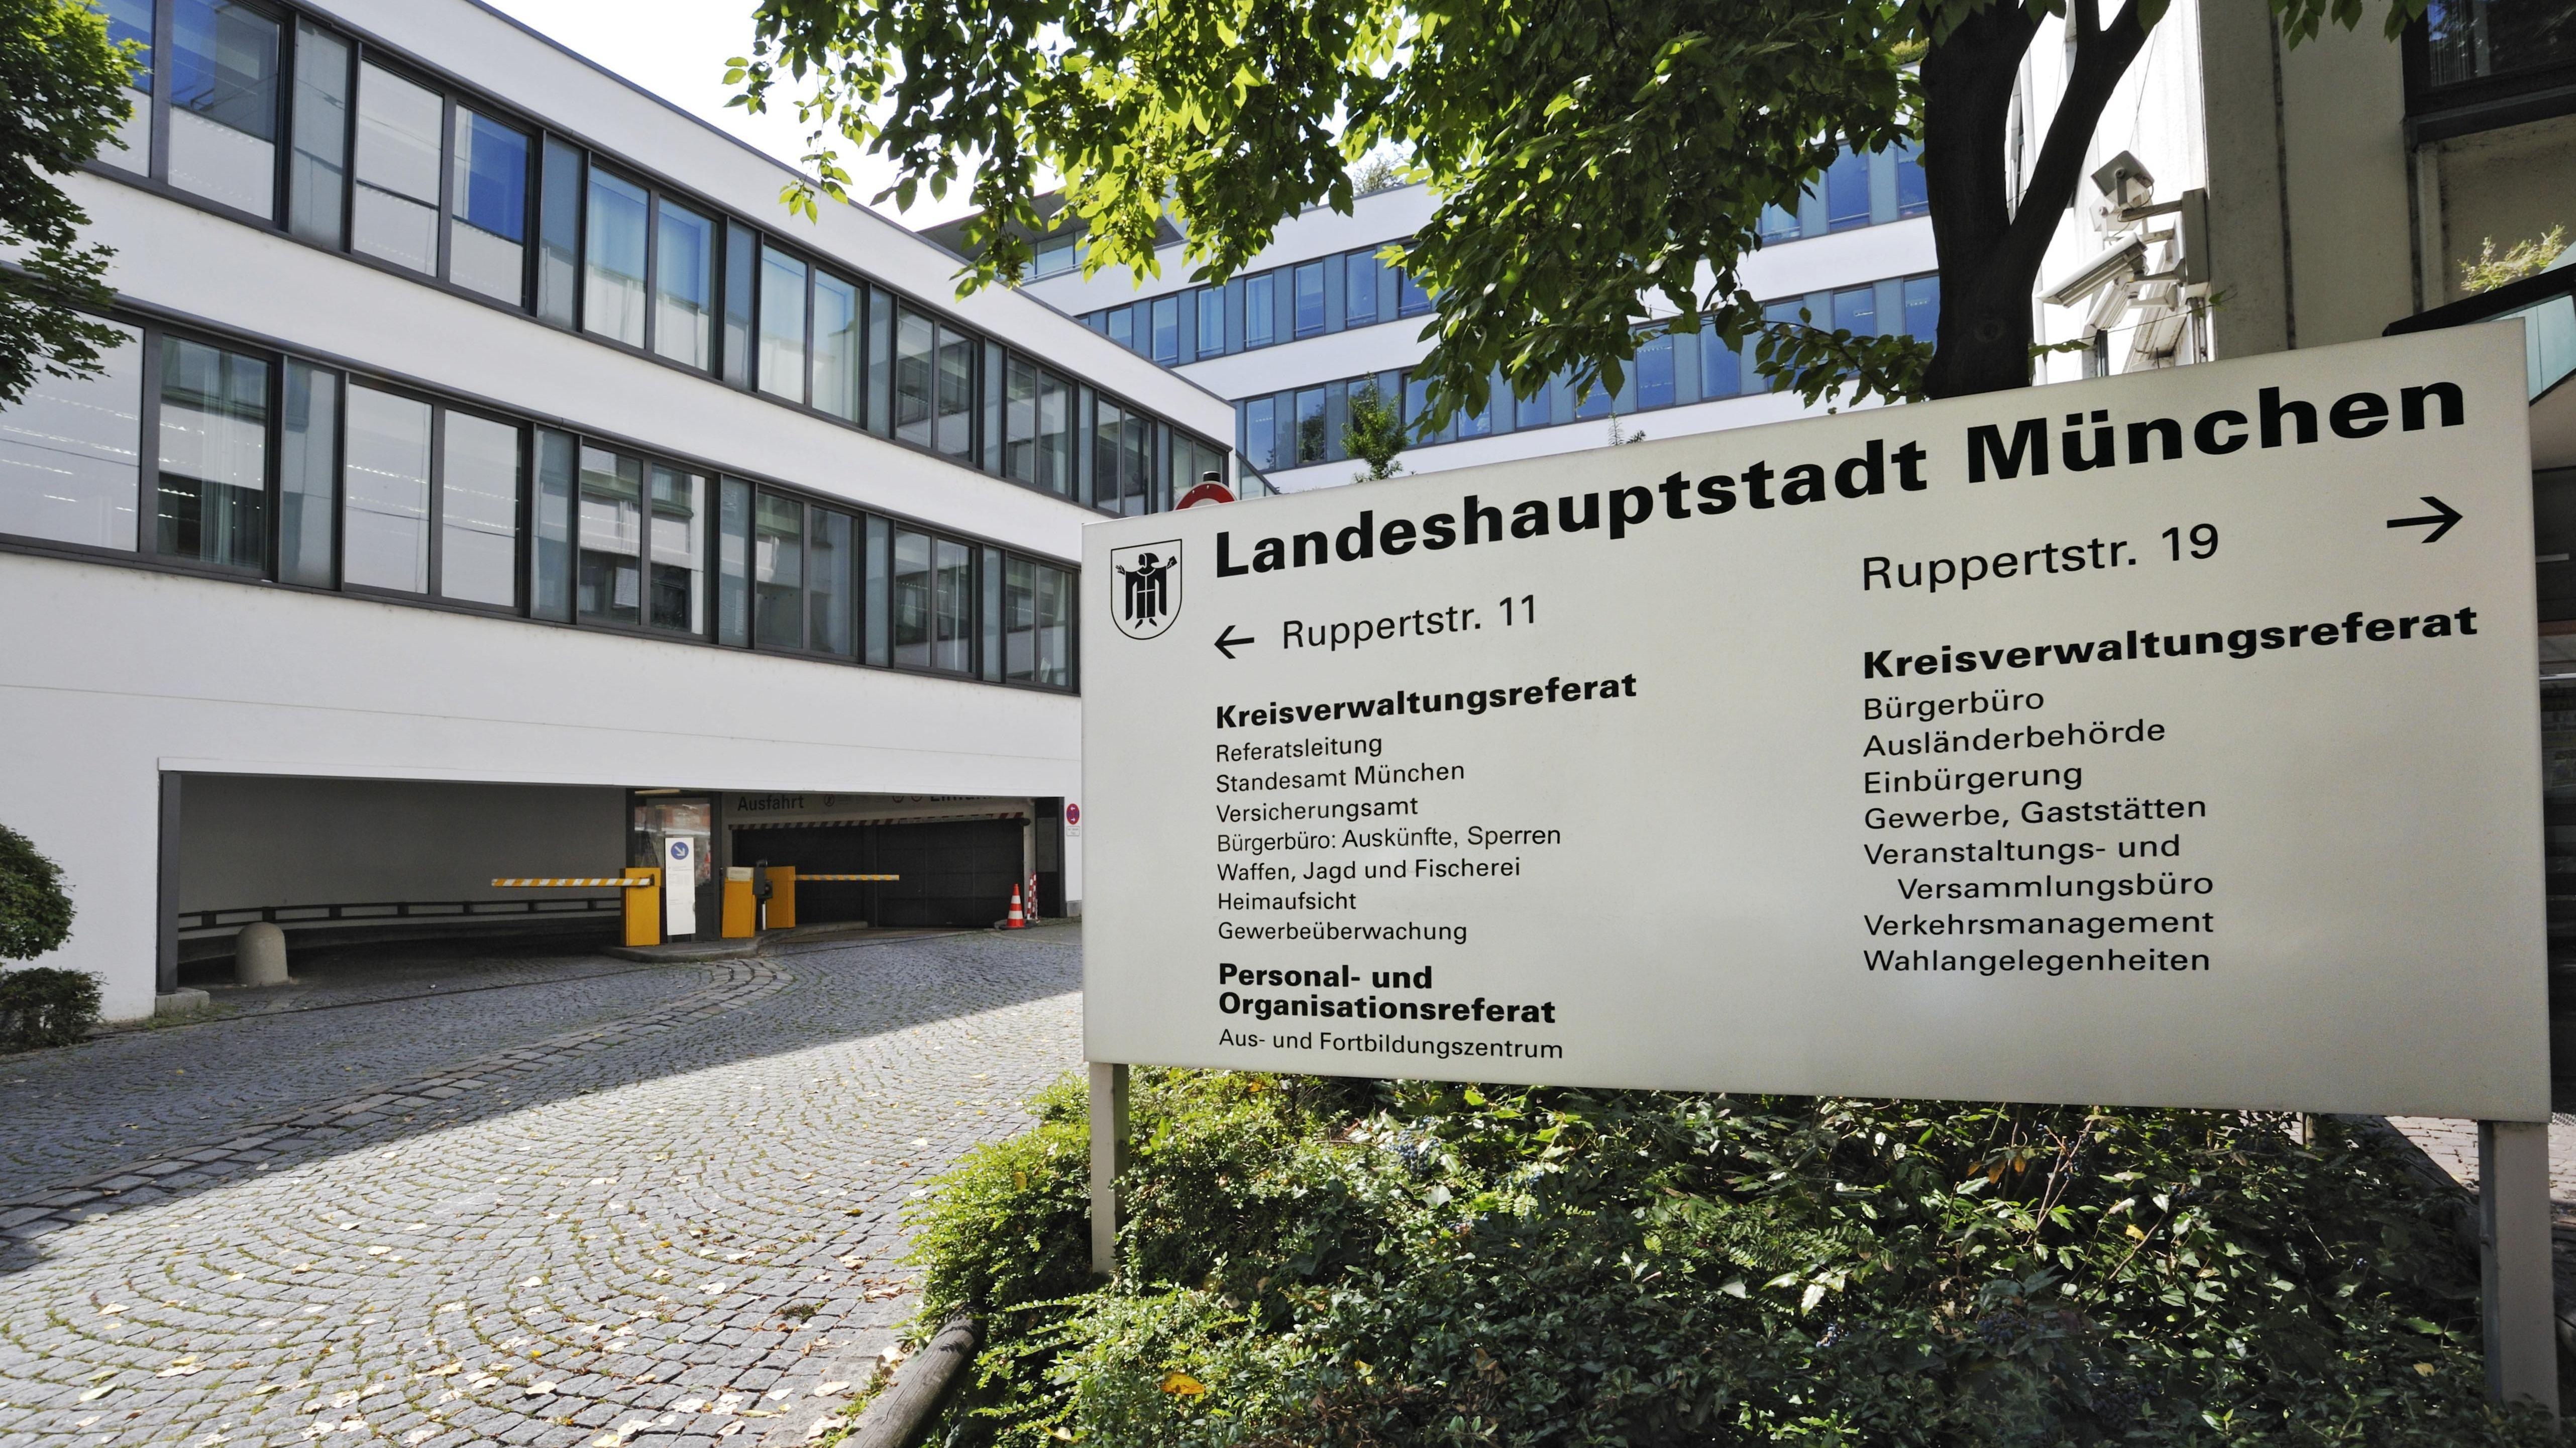 Eingang des Kreisverwaltungsreferats in München